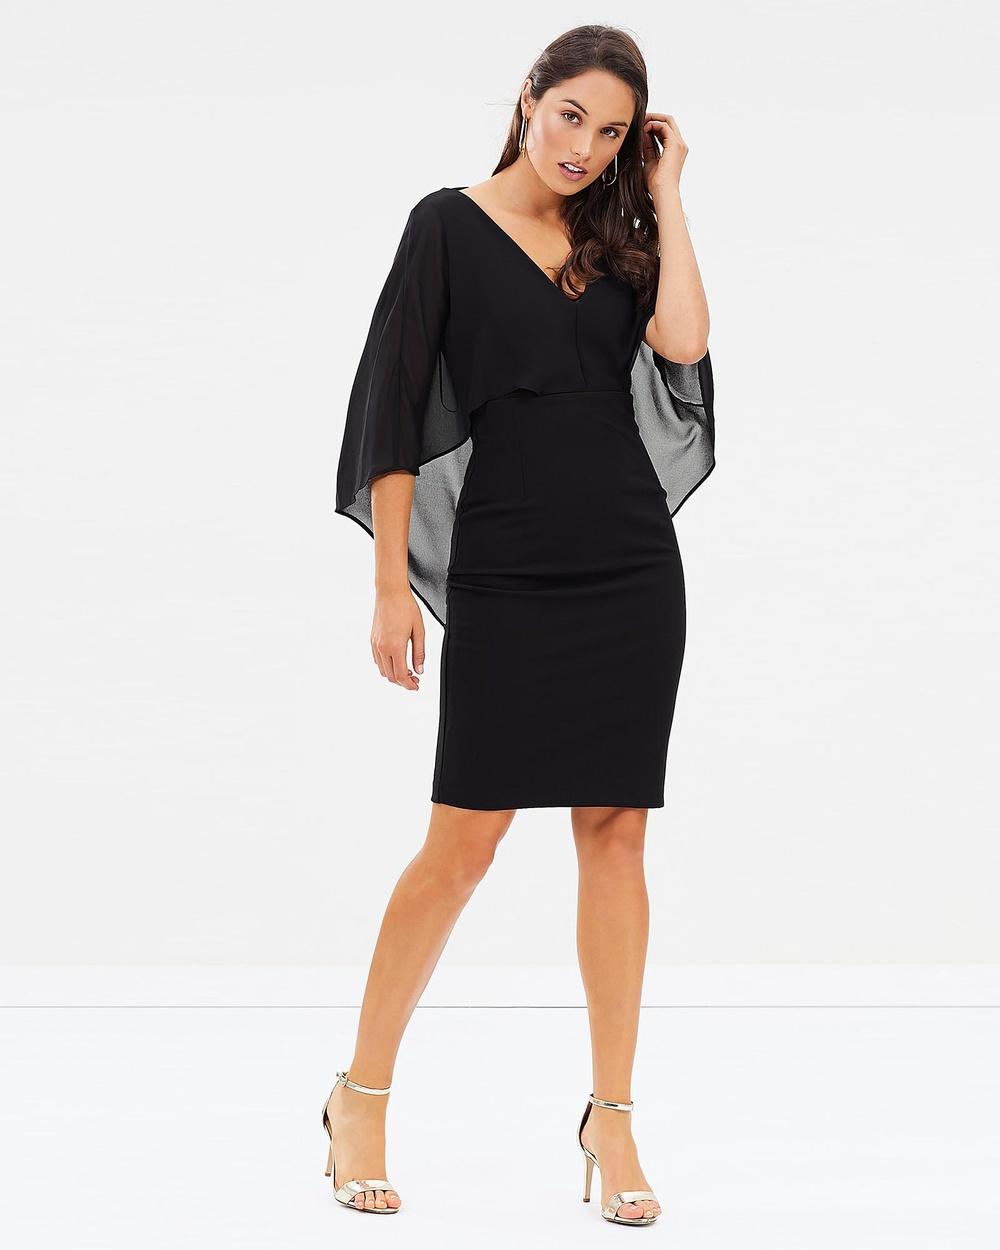 Montique Envy Cocktail Dress Dresses Black Envy Cocktail Dress